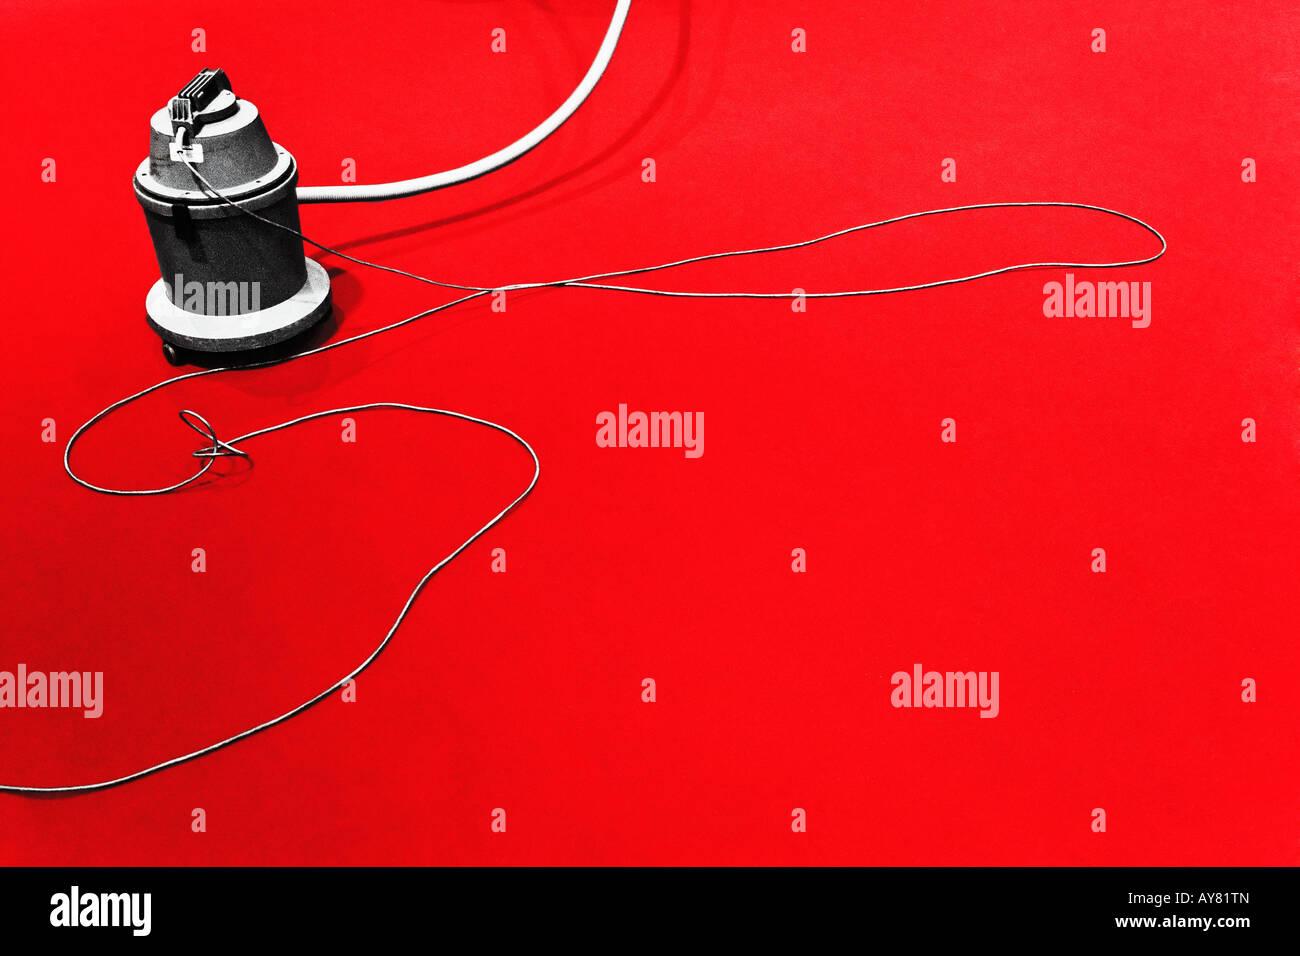 Aspirapolvere sul tappeto rosso Berlinale Immagini Stock